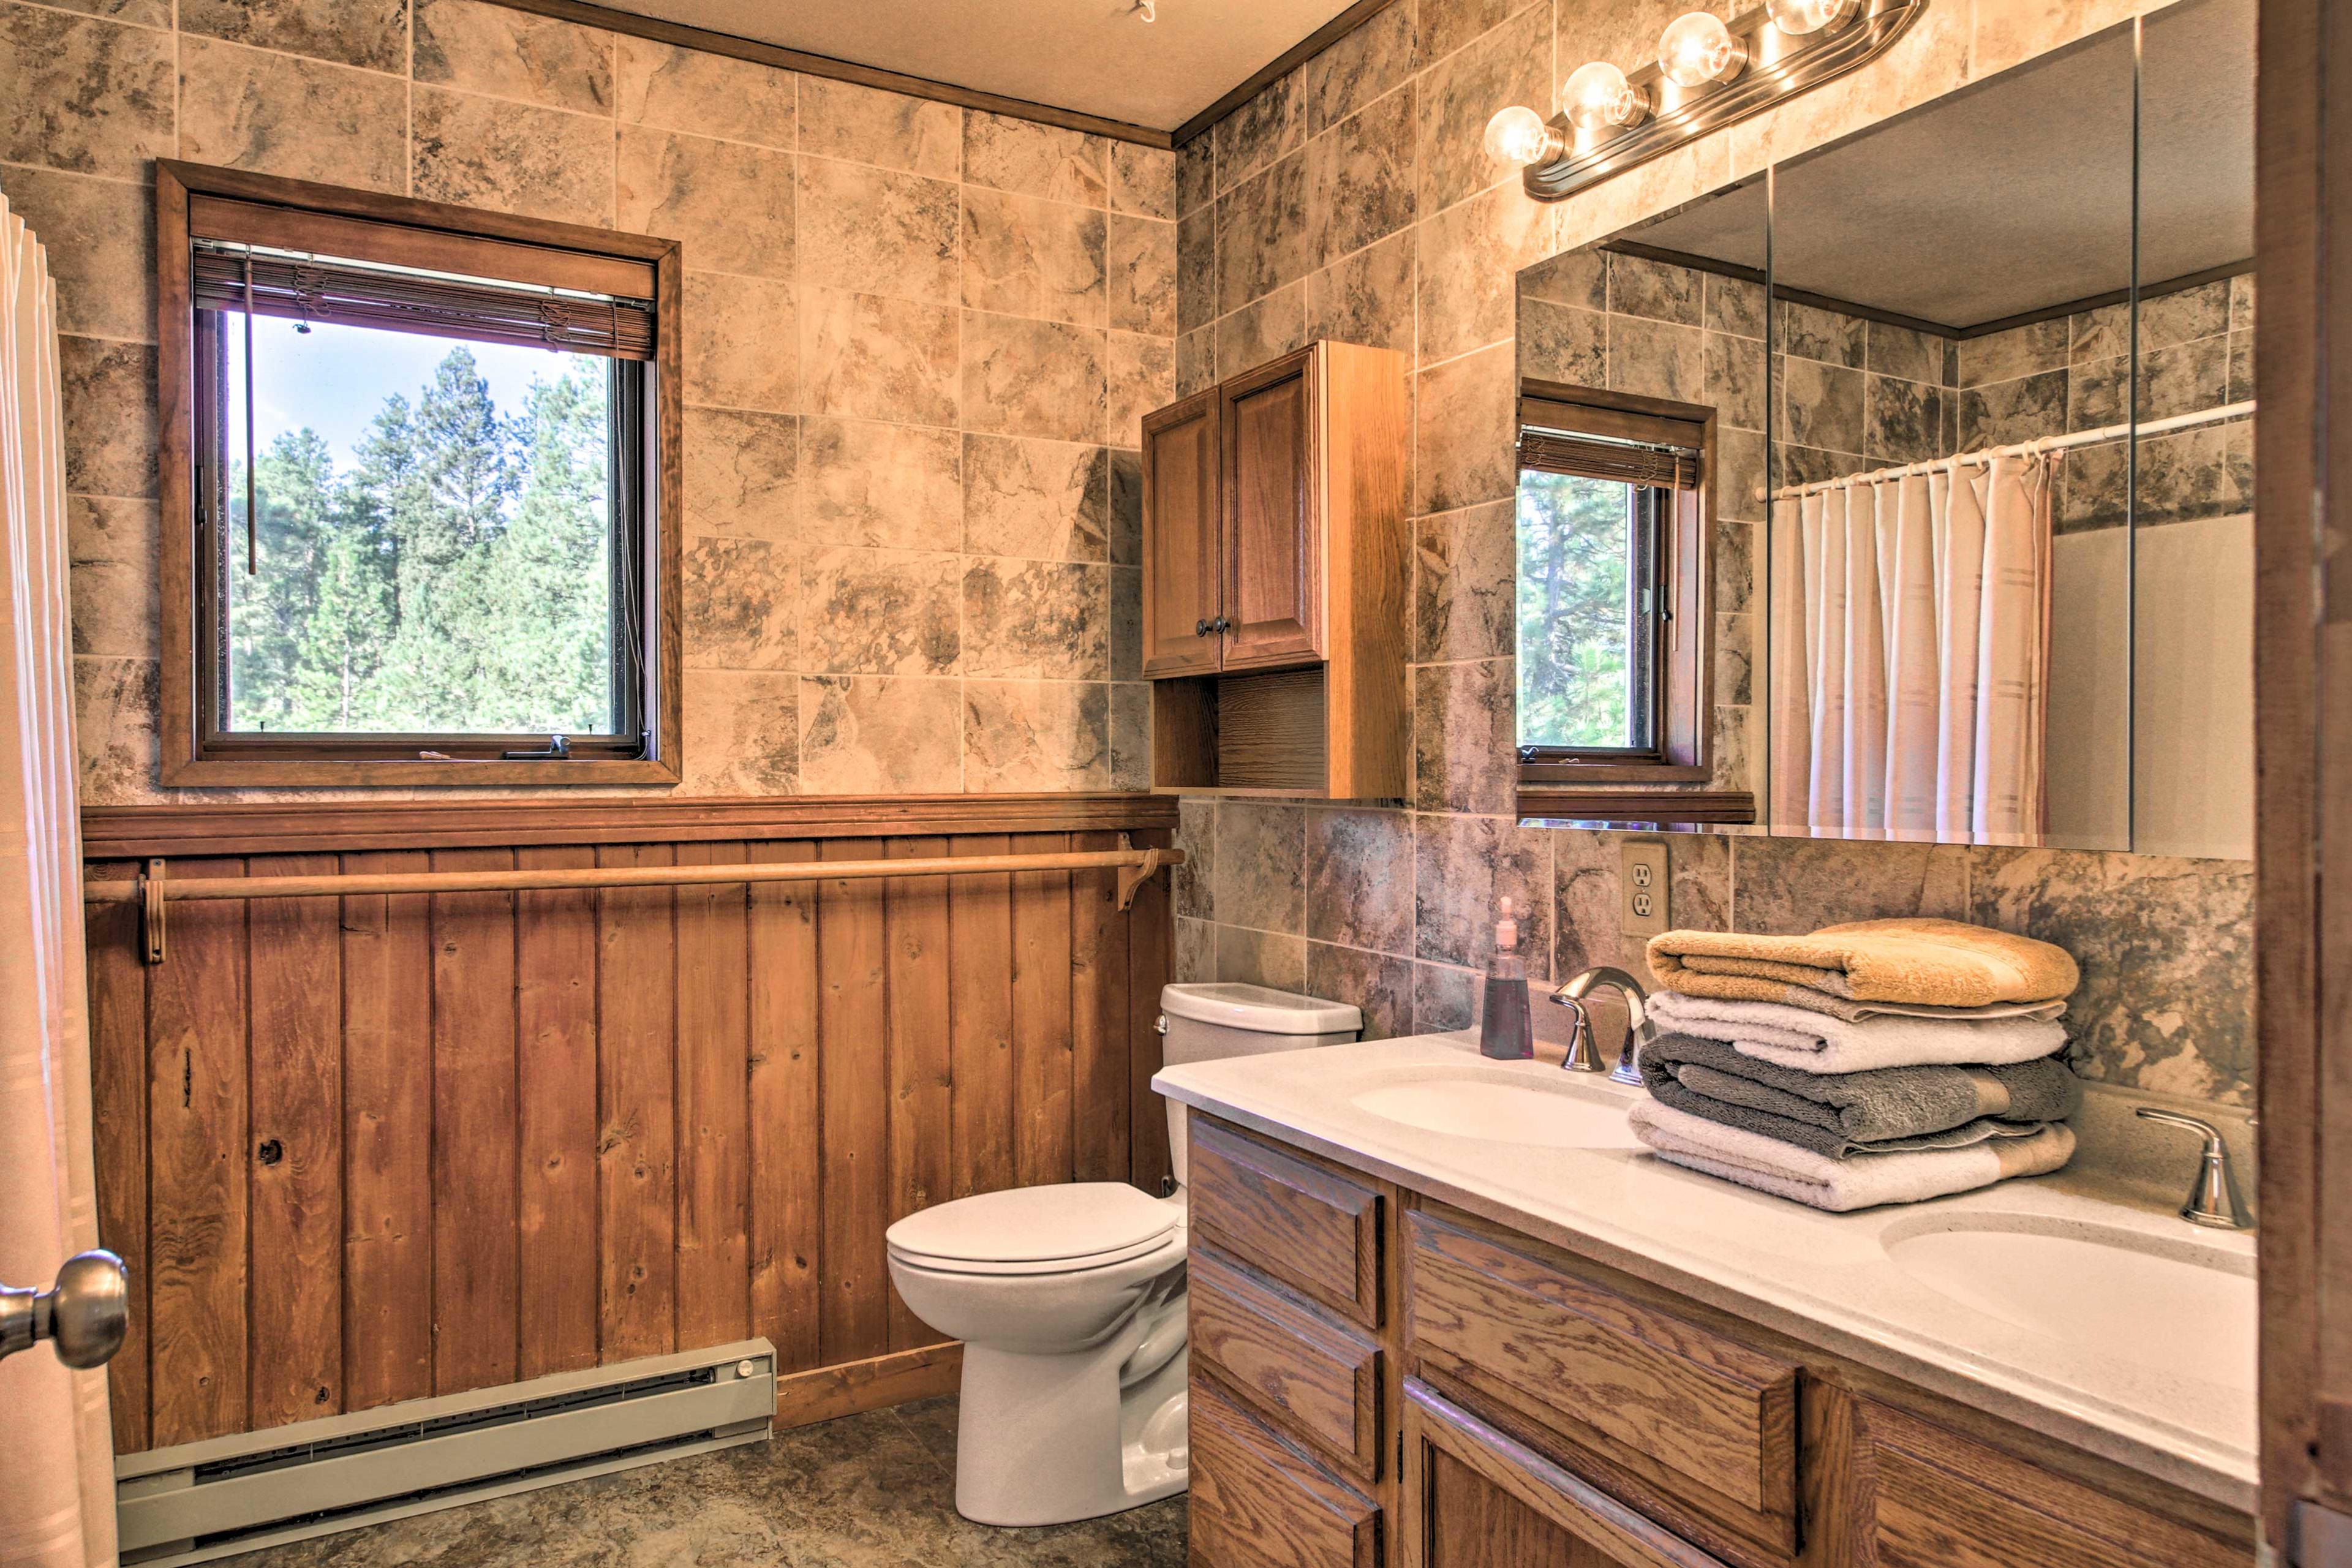 The en-suite includes a shower/tub combo.